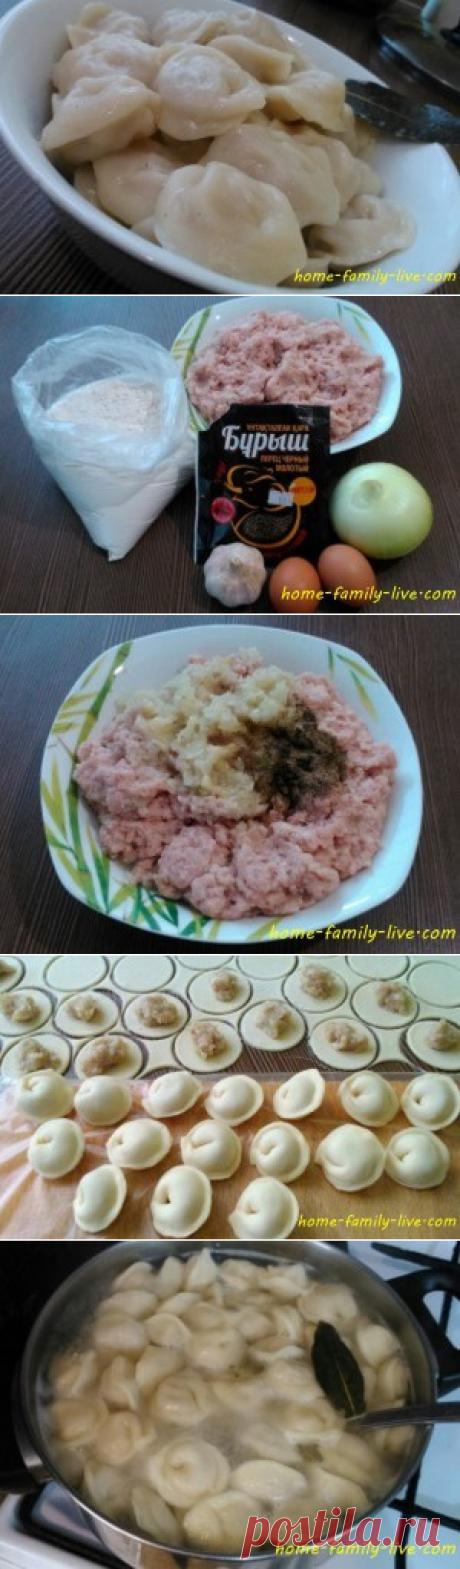 Пельмени домашние/Сайт с пошаговыми рецептами с фото для тех кто любит готовить